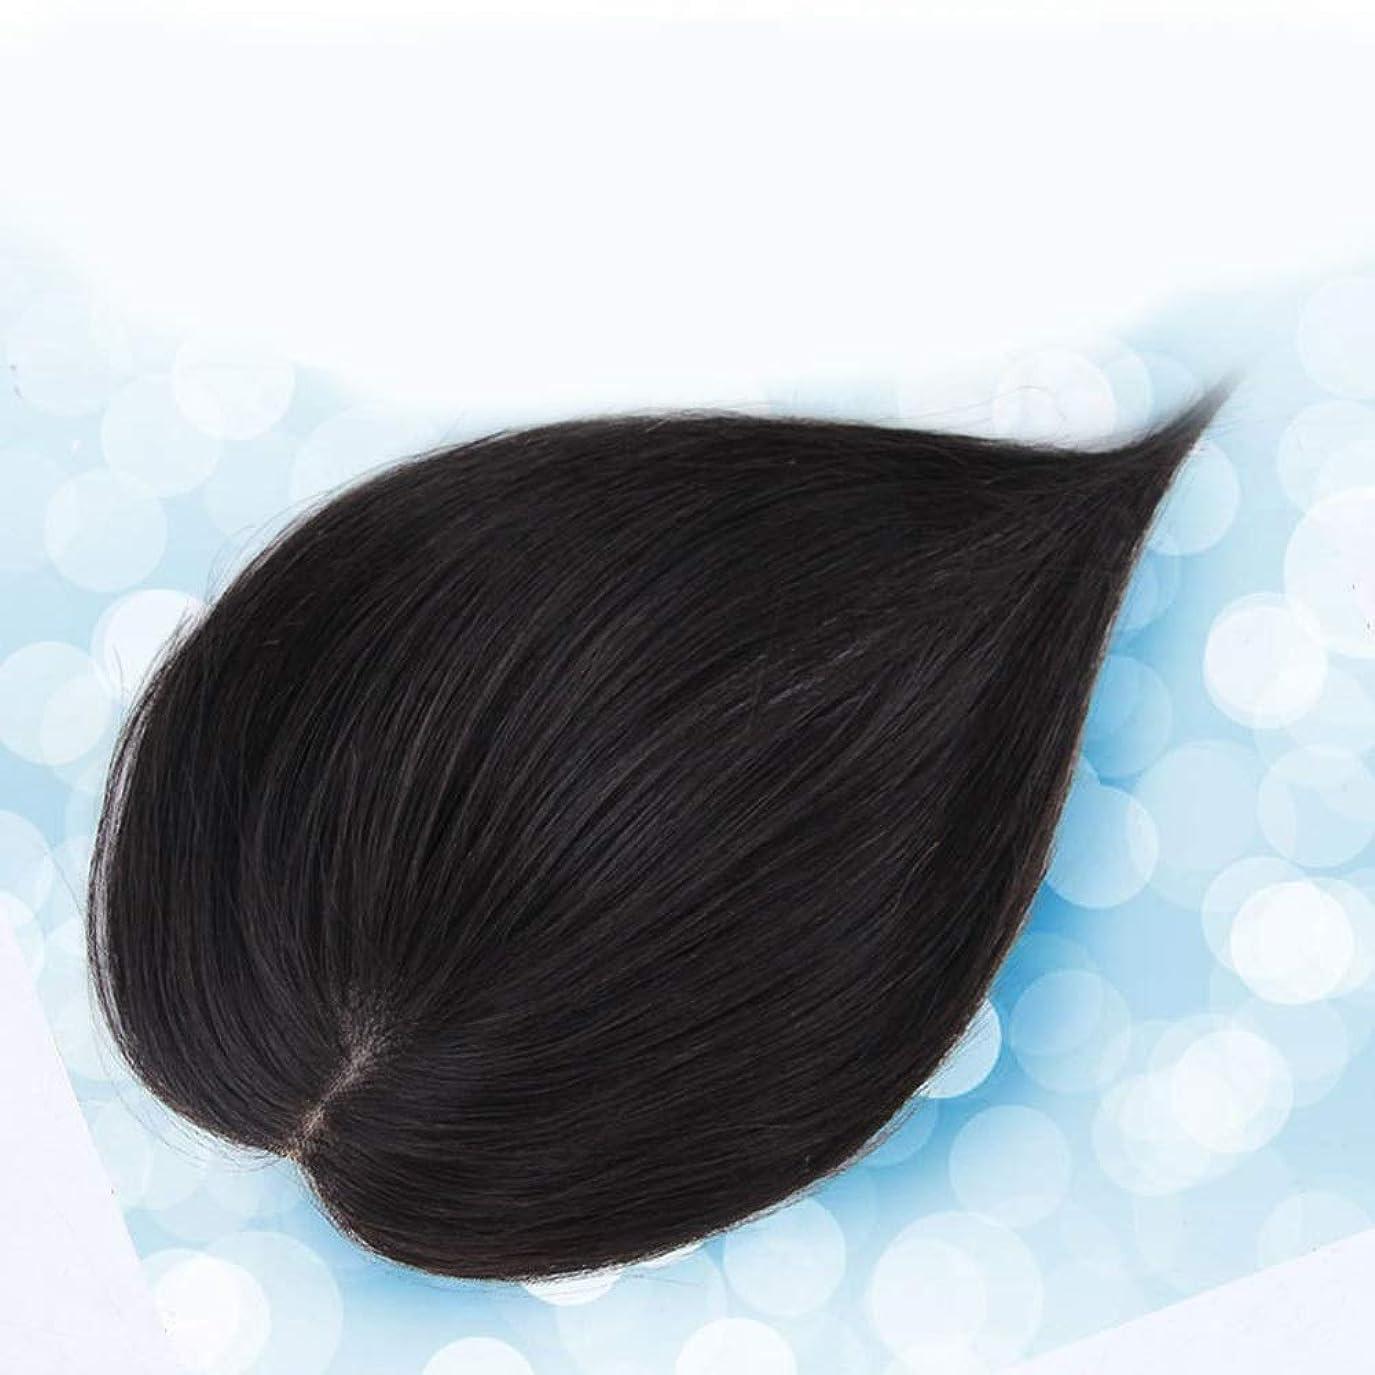 部分的にスペードリムBOBIDYEE ヘアエクステンションダークブラウンストレート人毛ウィッグパーティーウィッグで女性のリアルヘアクリップ (Color : [7x10] 35cm natural black)